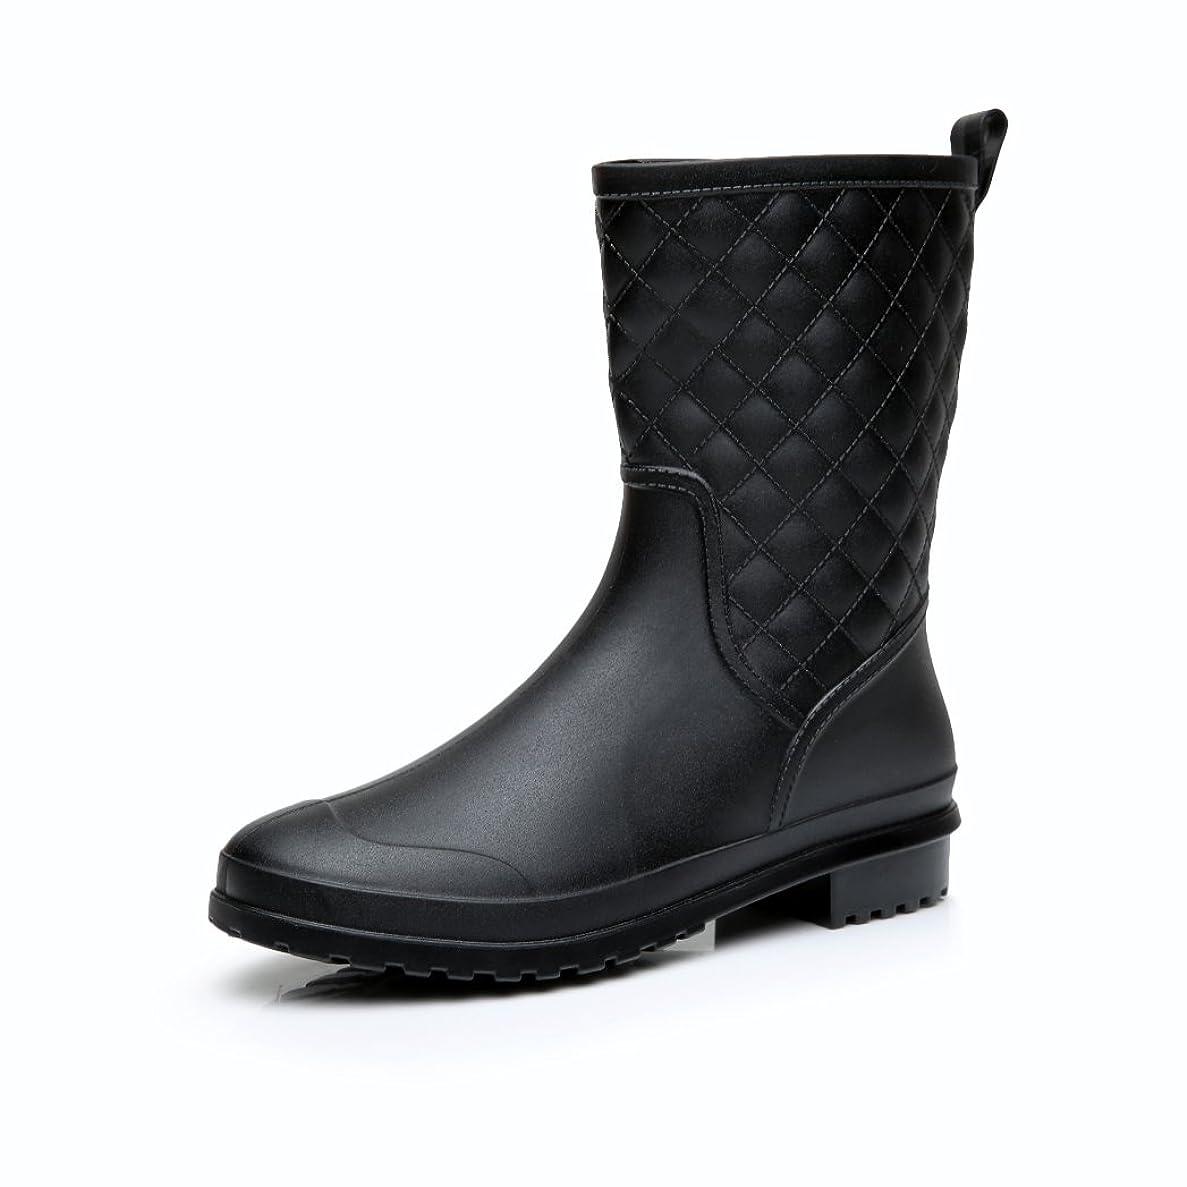 シートスピーチ名前を作る[Fine Too] 長靴 レディース レインブーツ 雨靴 おしゃれ 防水 ロング レインシューズ 軽量 防滑 人気 無地 ガールズ ブラック雨靴